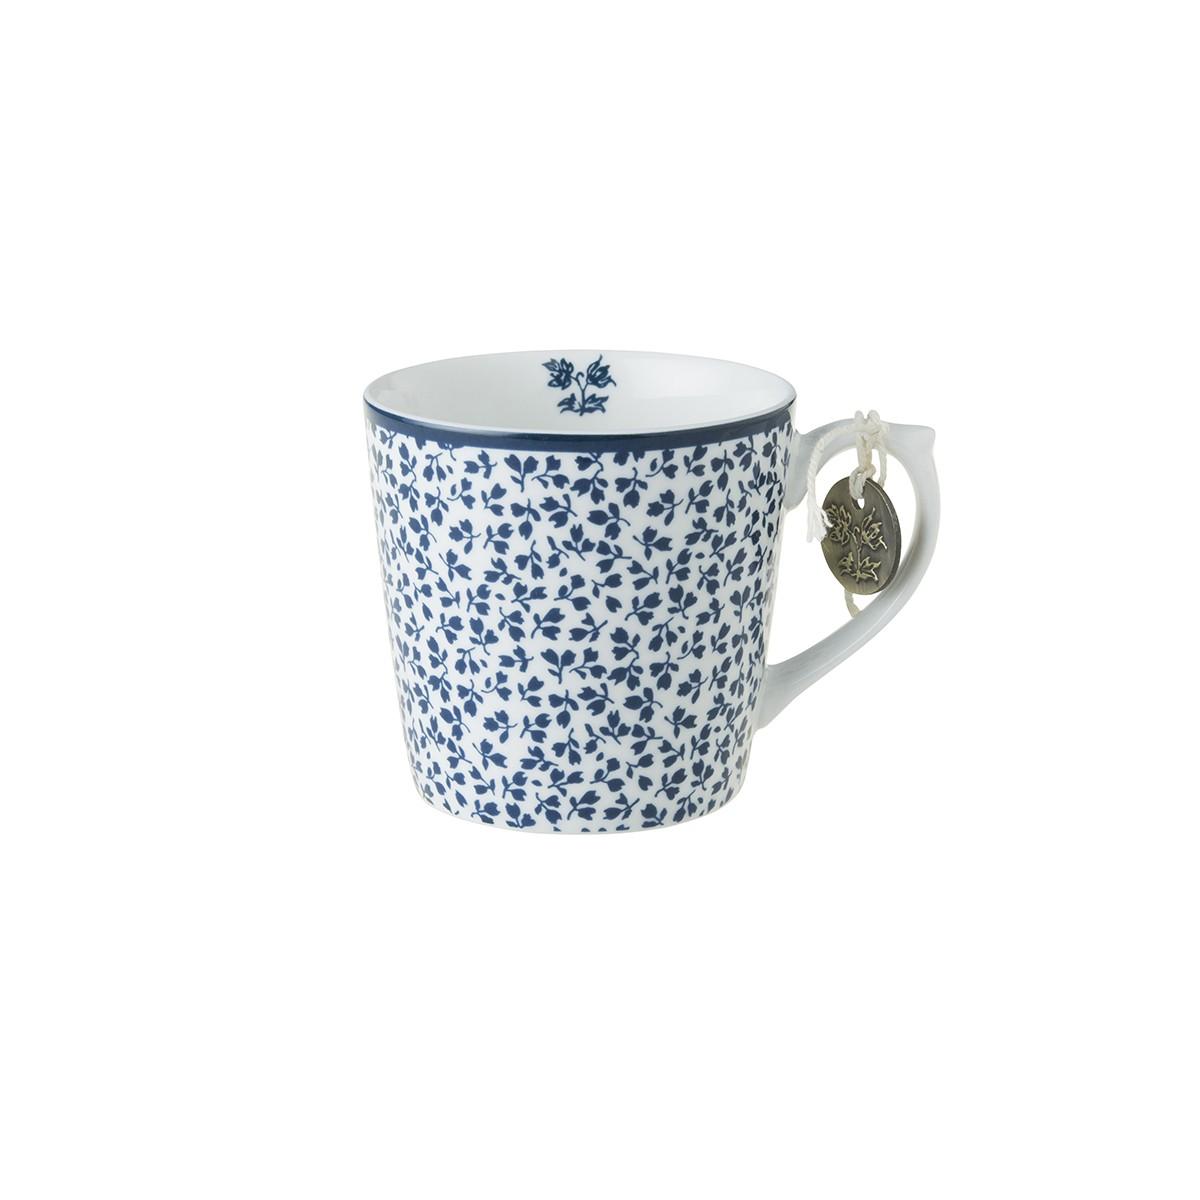 Κούπα Laura Ashley Floris Fine Bone China 220ml home   ειδη cafe τσαϊ   κούπες   φλυτζάνια